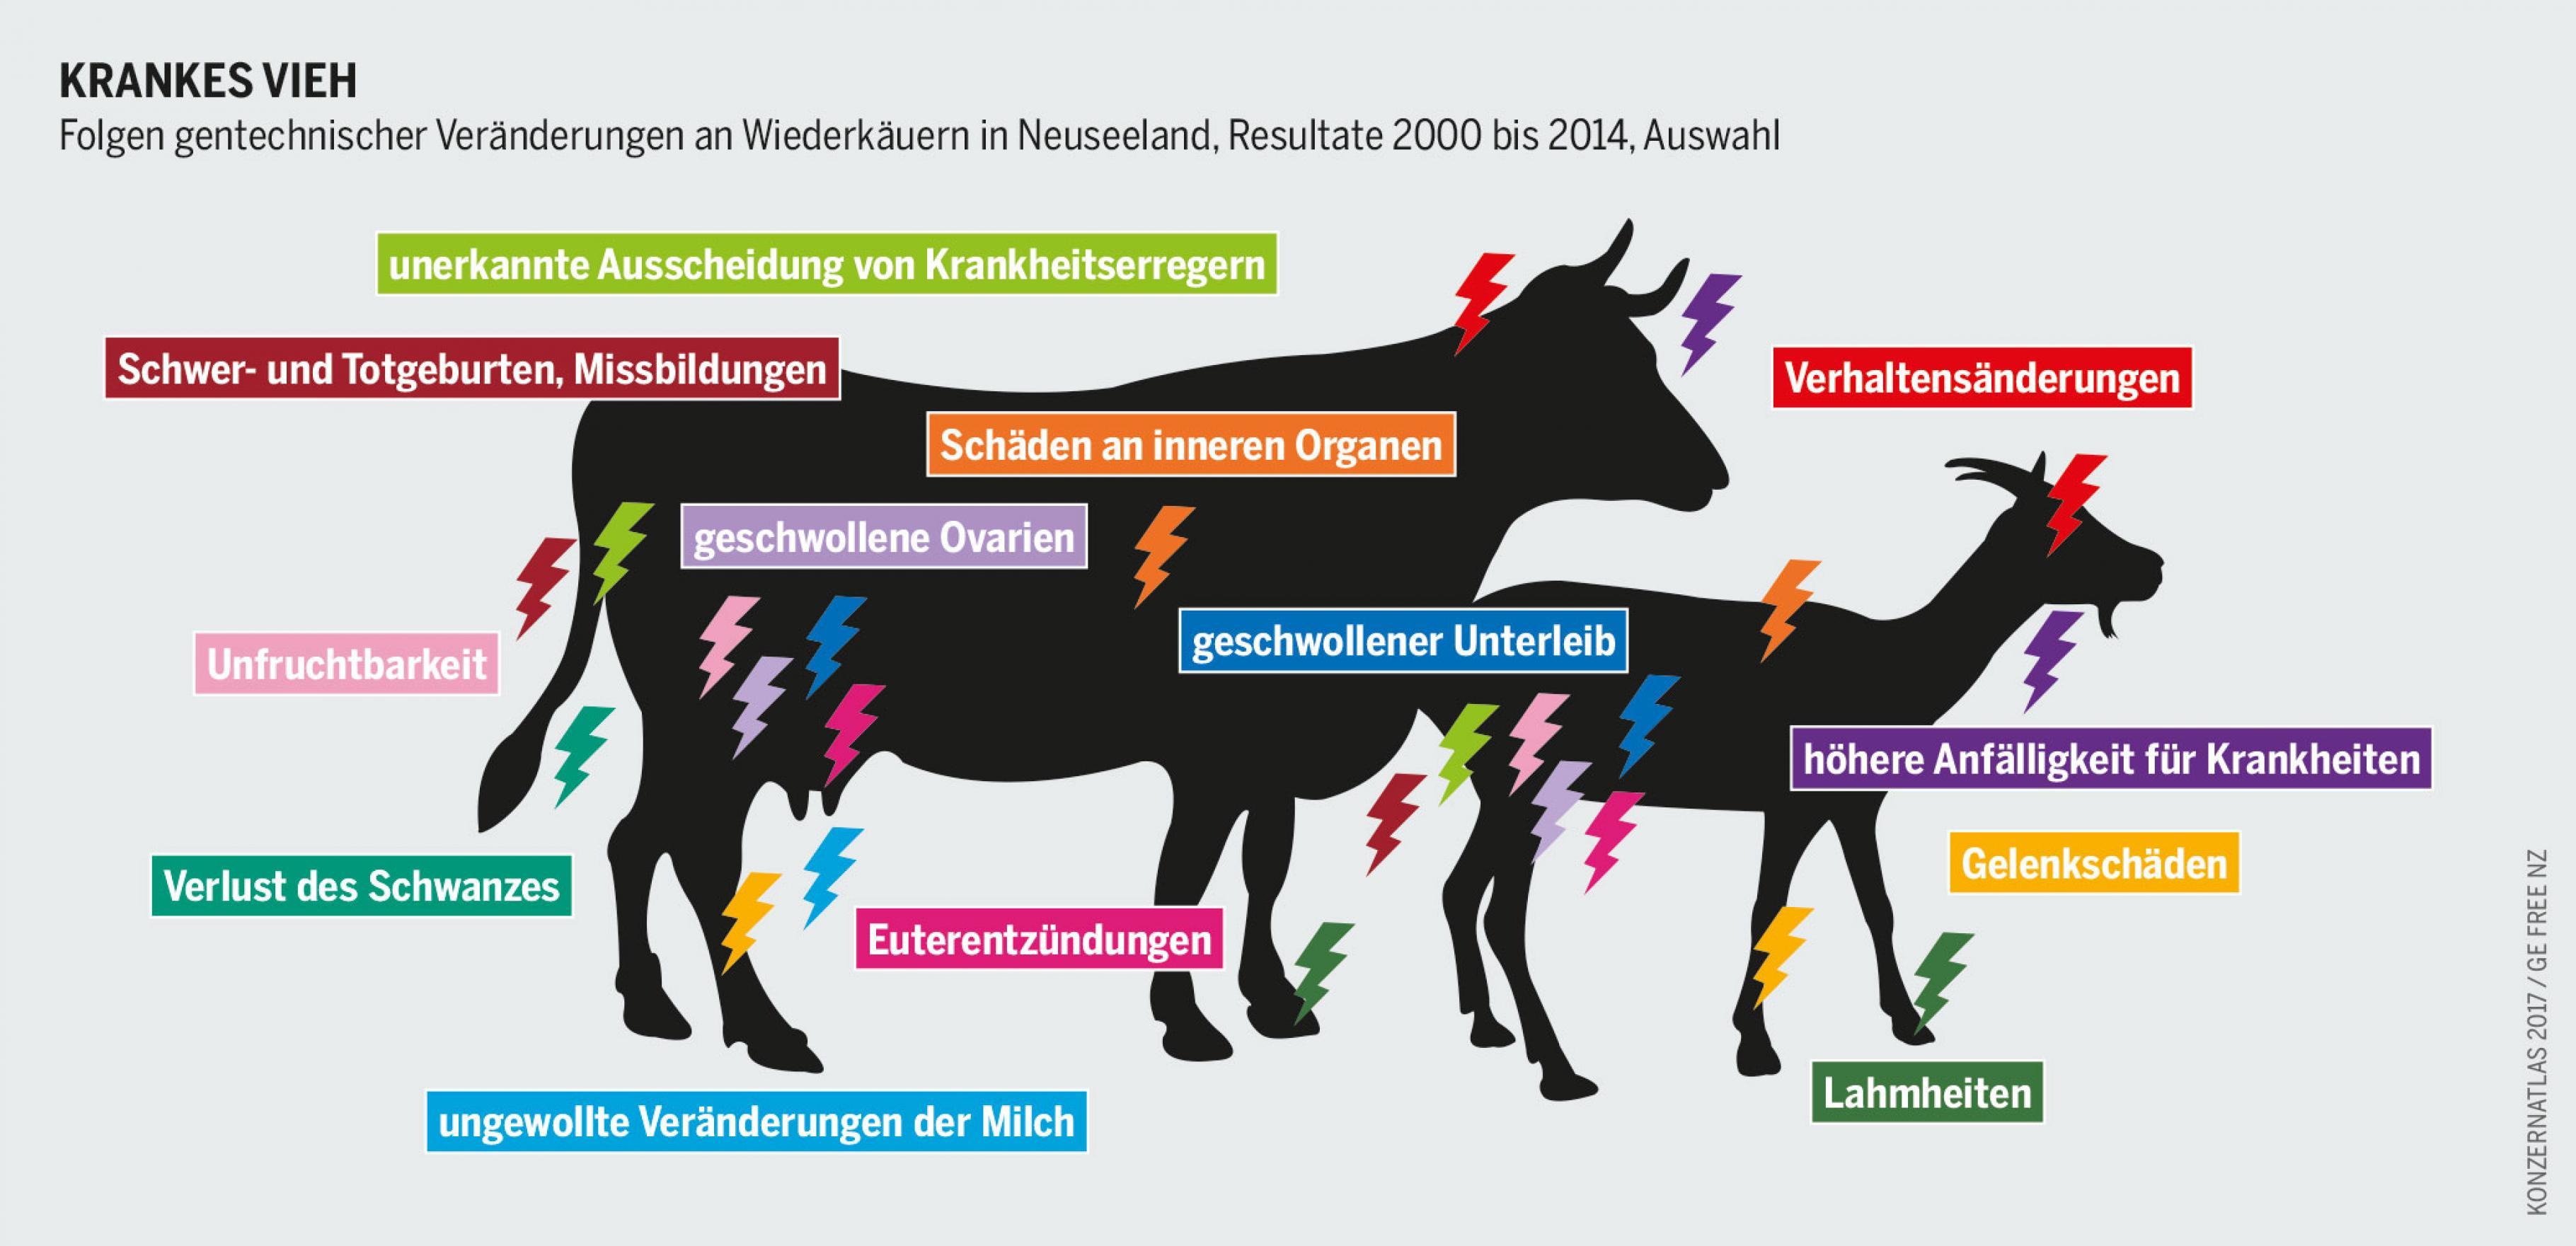 Der Umbau des Erbgutes von Nutztieren führt zu Schädigungen und Erkrankungen. Dennoch träumt die Kundschaft der Labors weiterhin vom resistenten Vieh.